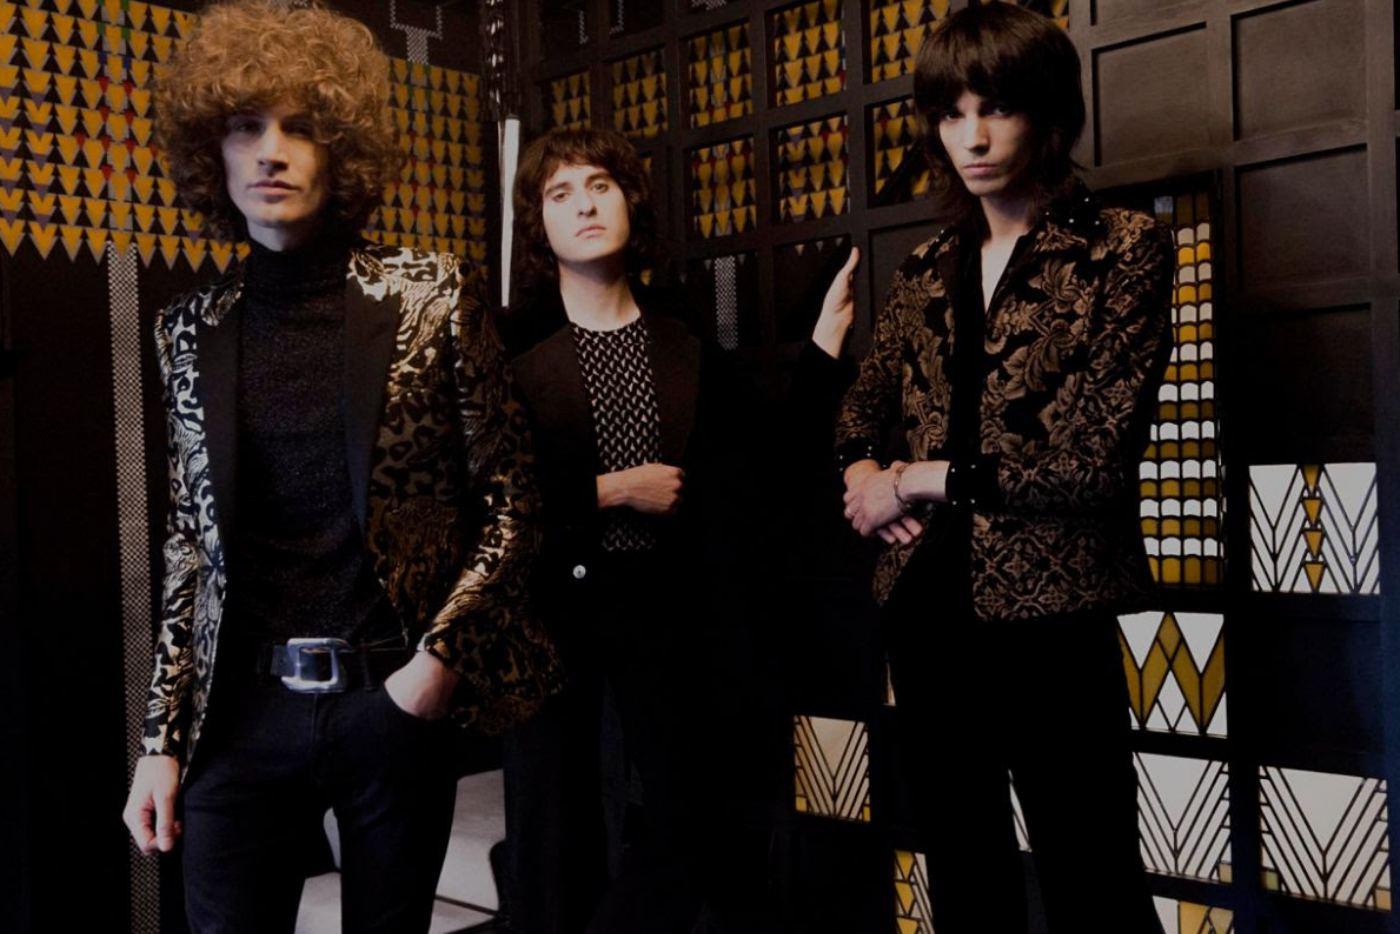 Temples siguen desvelando la paleta sonora de su tercer álbum